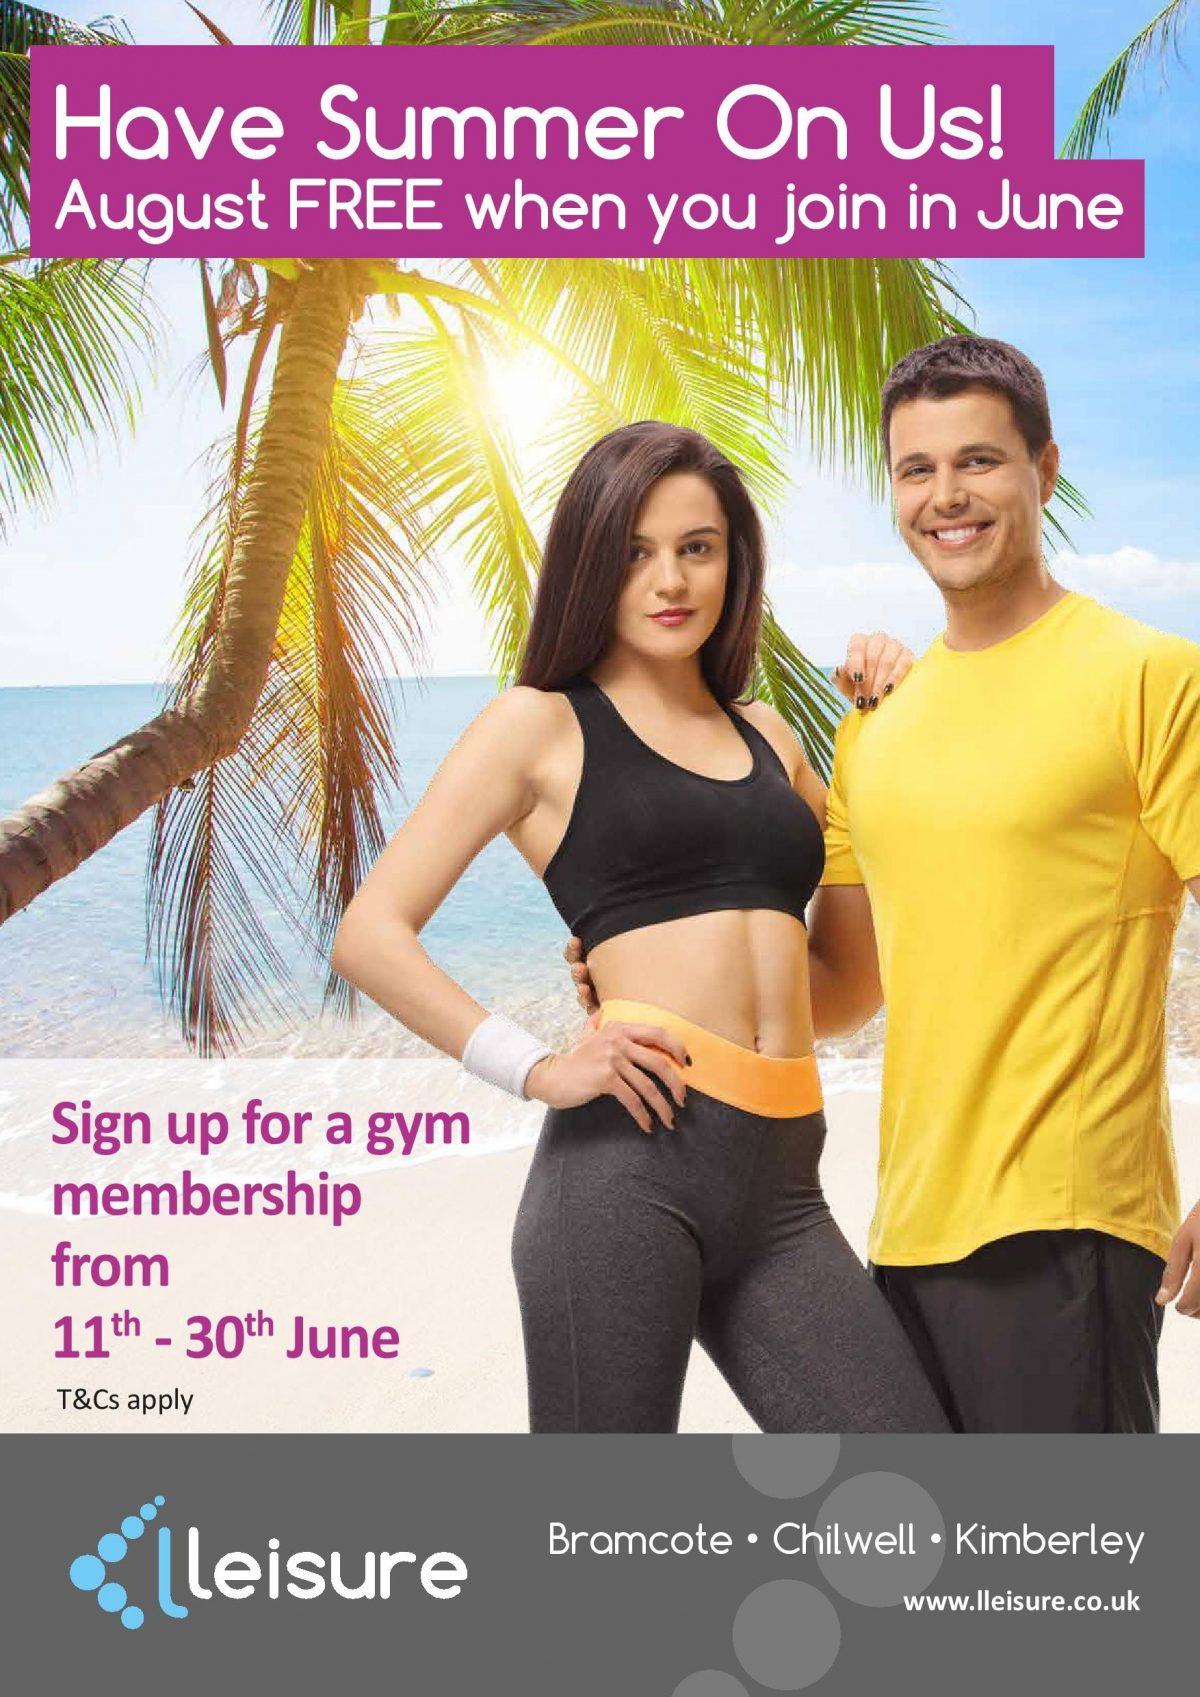 June gym membership offer!